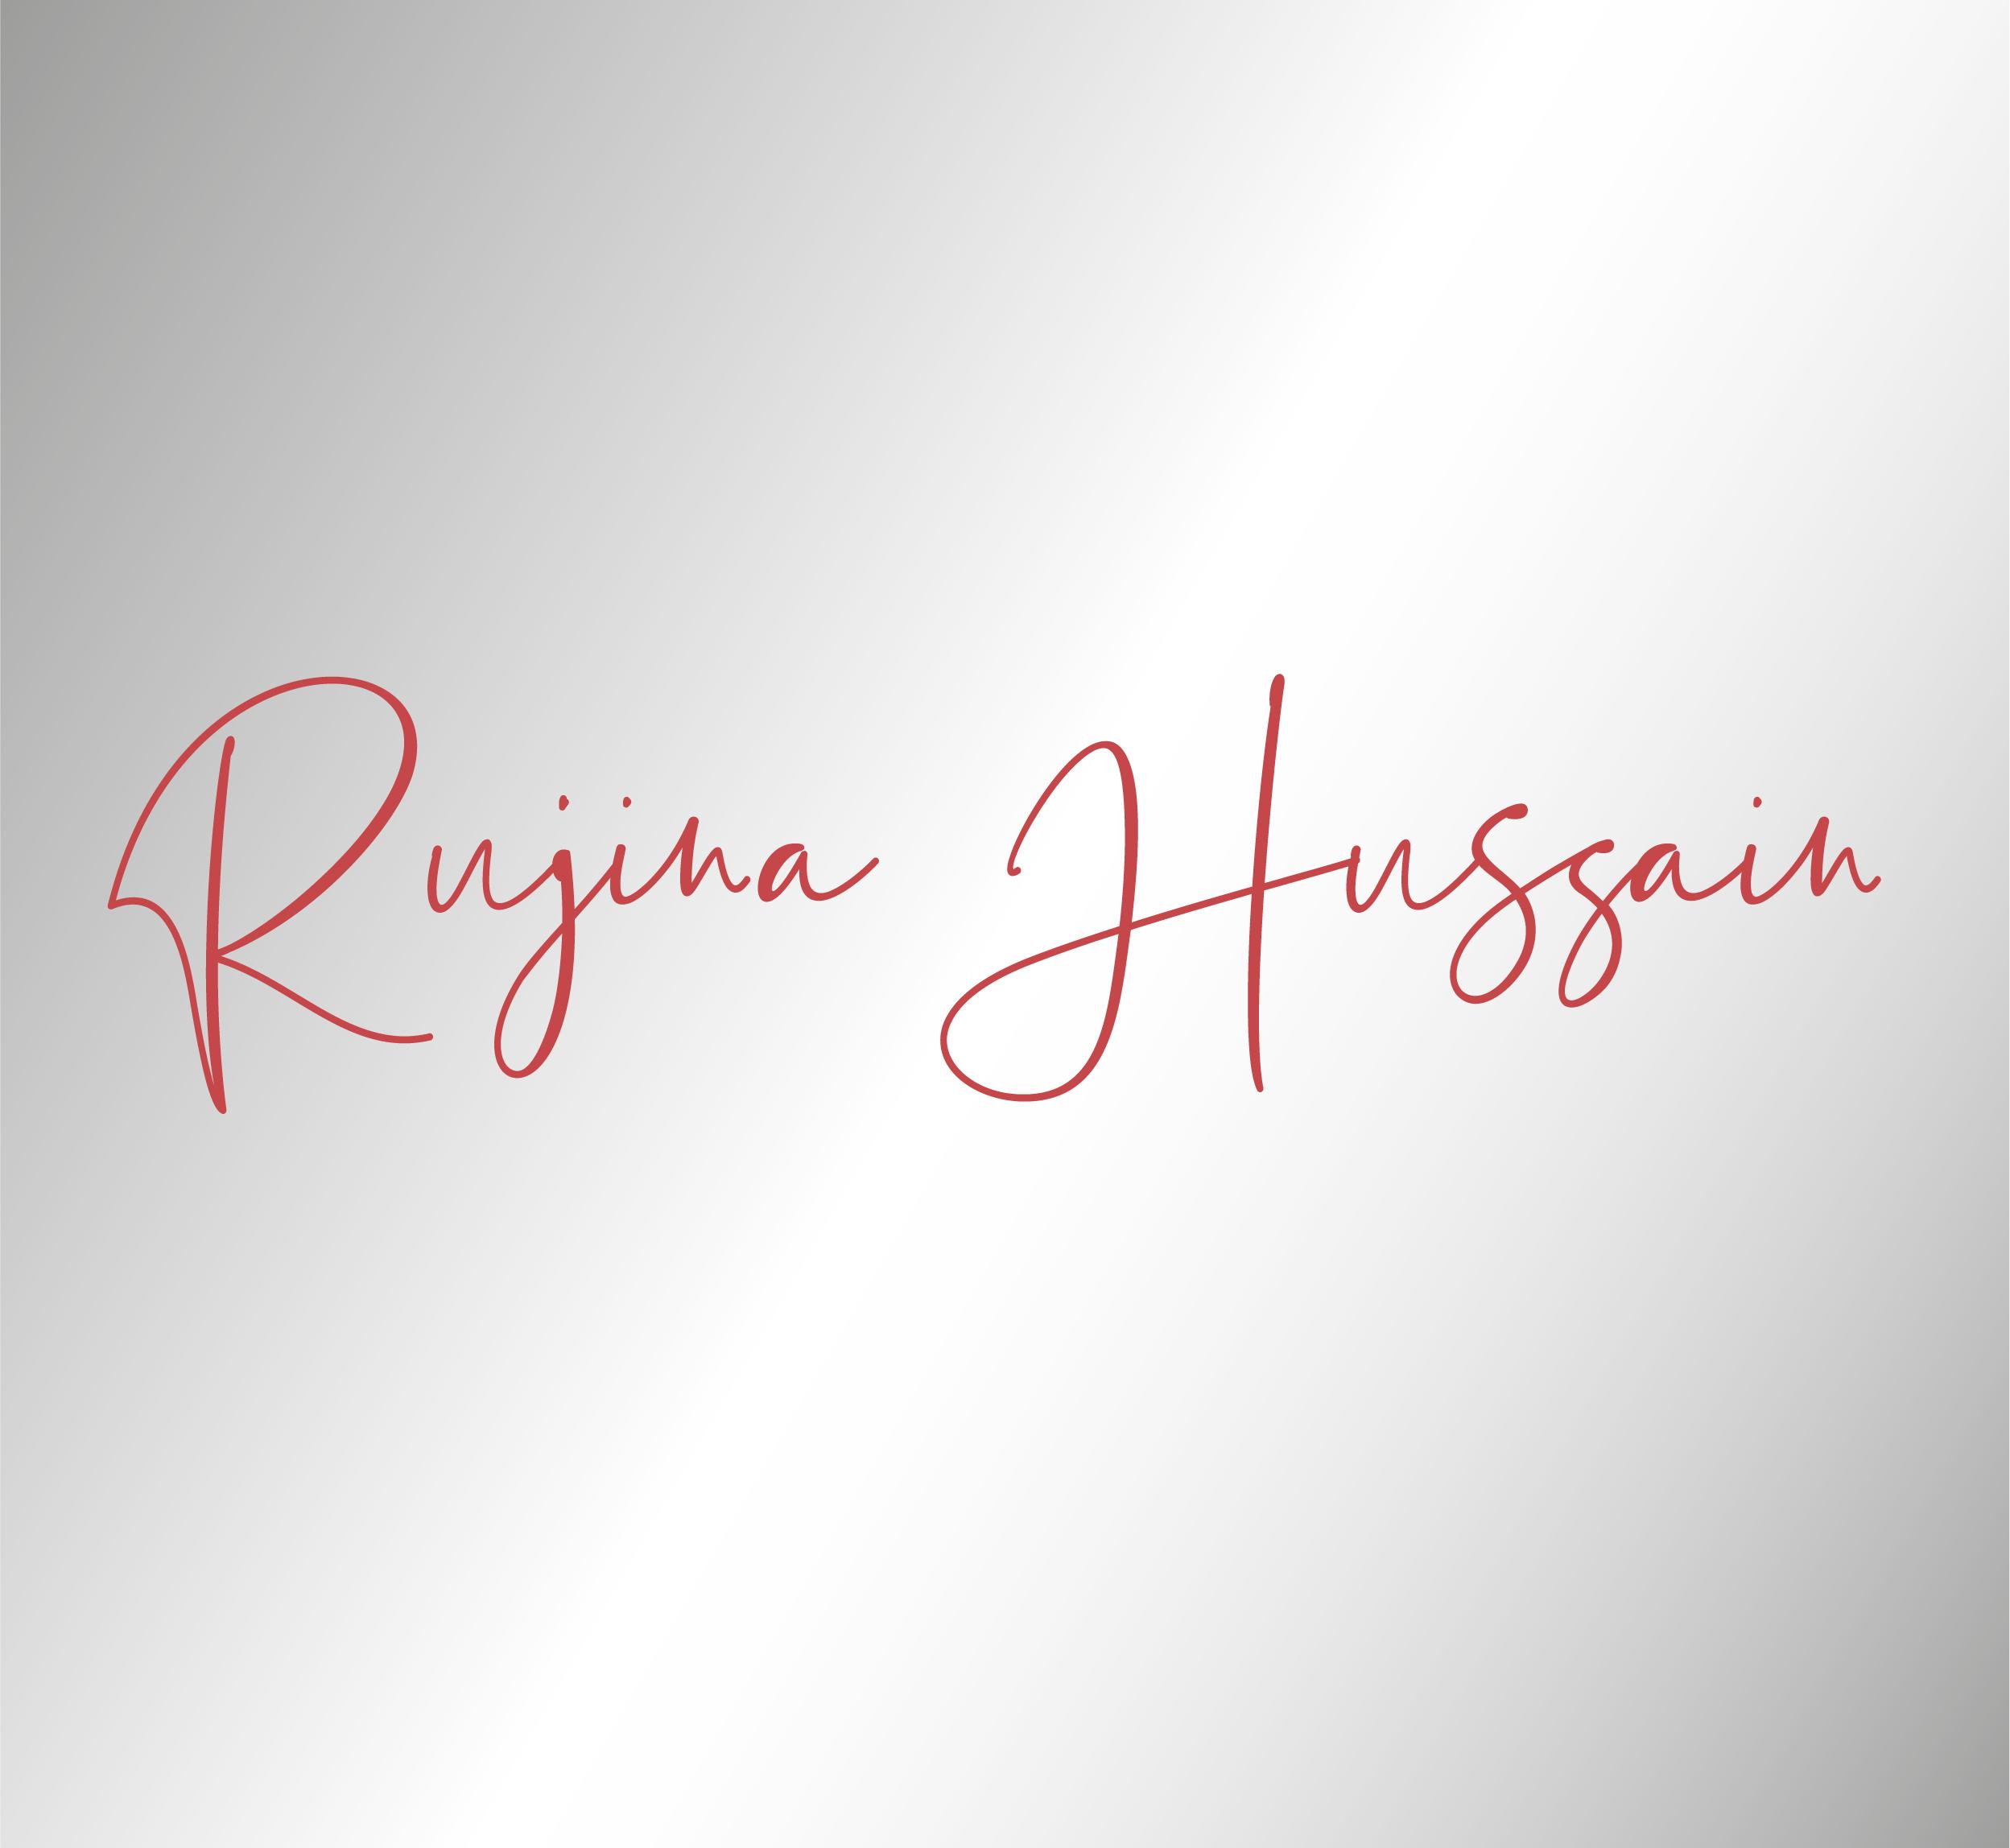 PA Todd Signatures (RED) Rujina Hussain